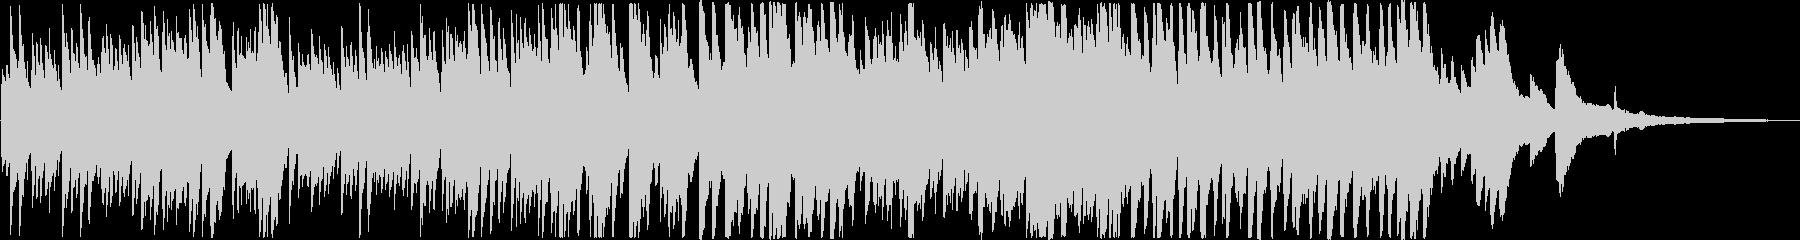 明るいコンセプトムービー向けピアノ曲の未再生の波形